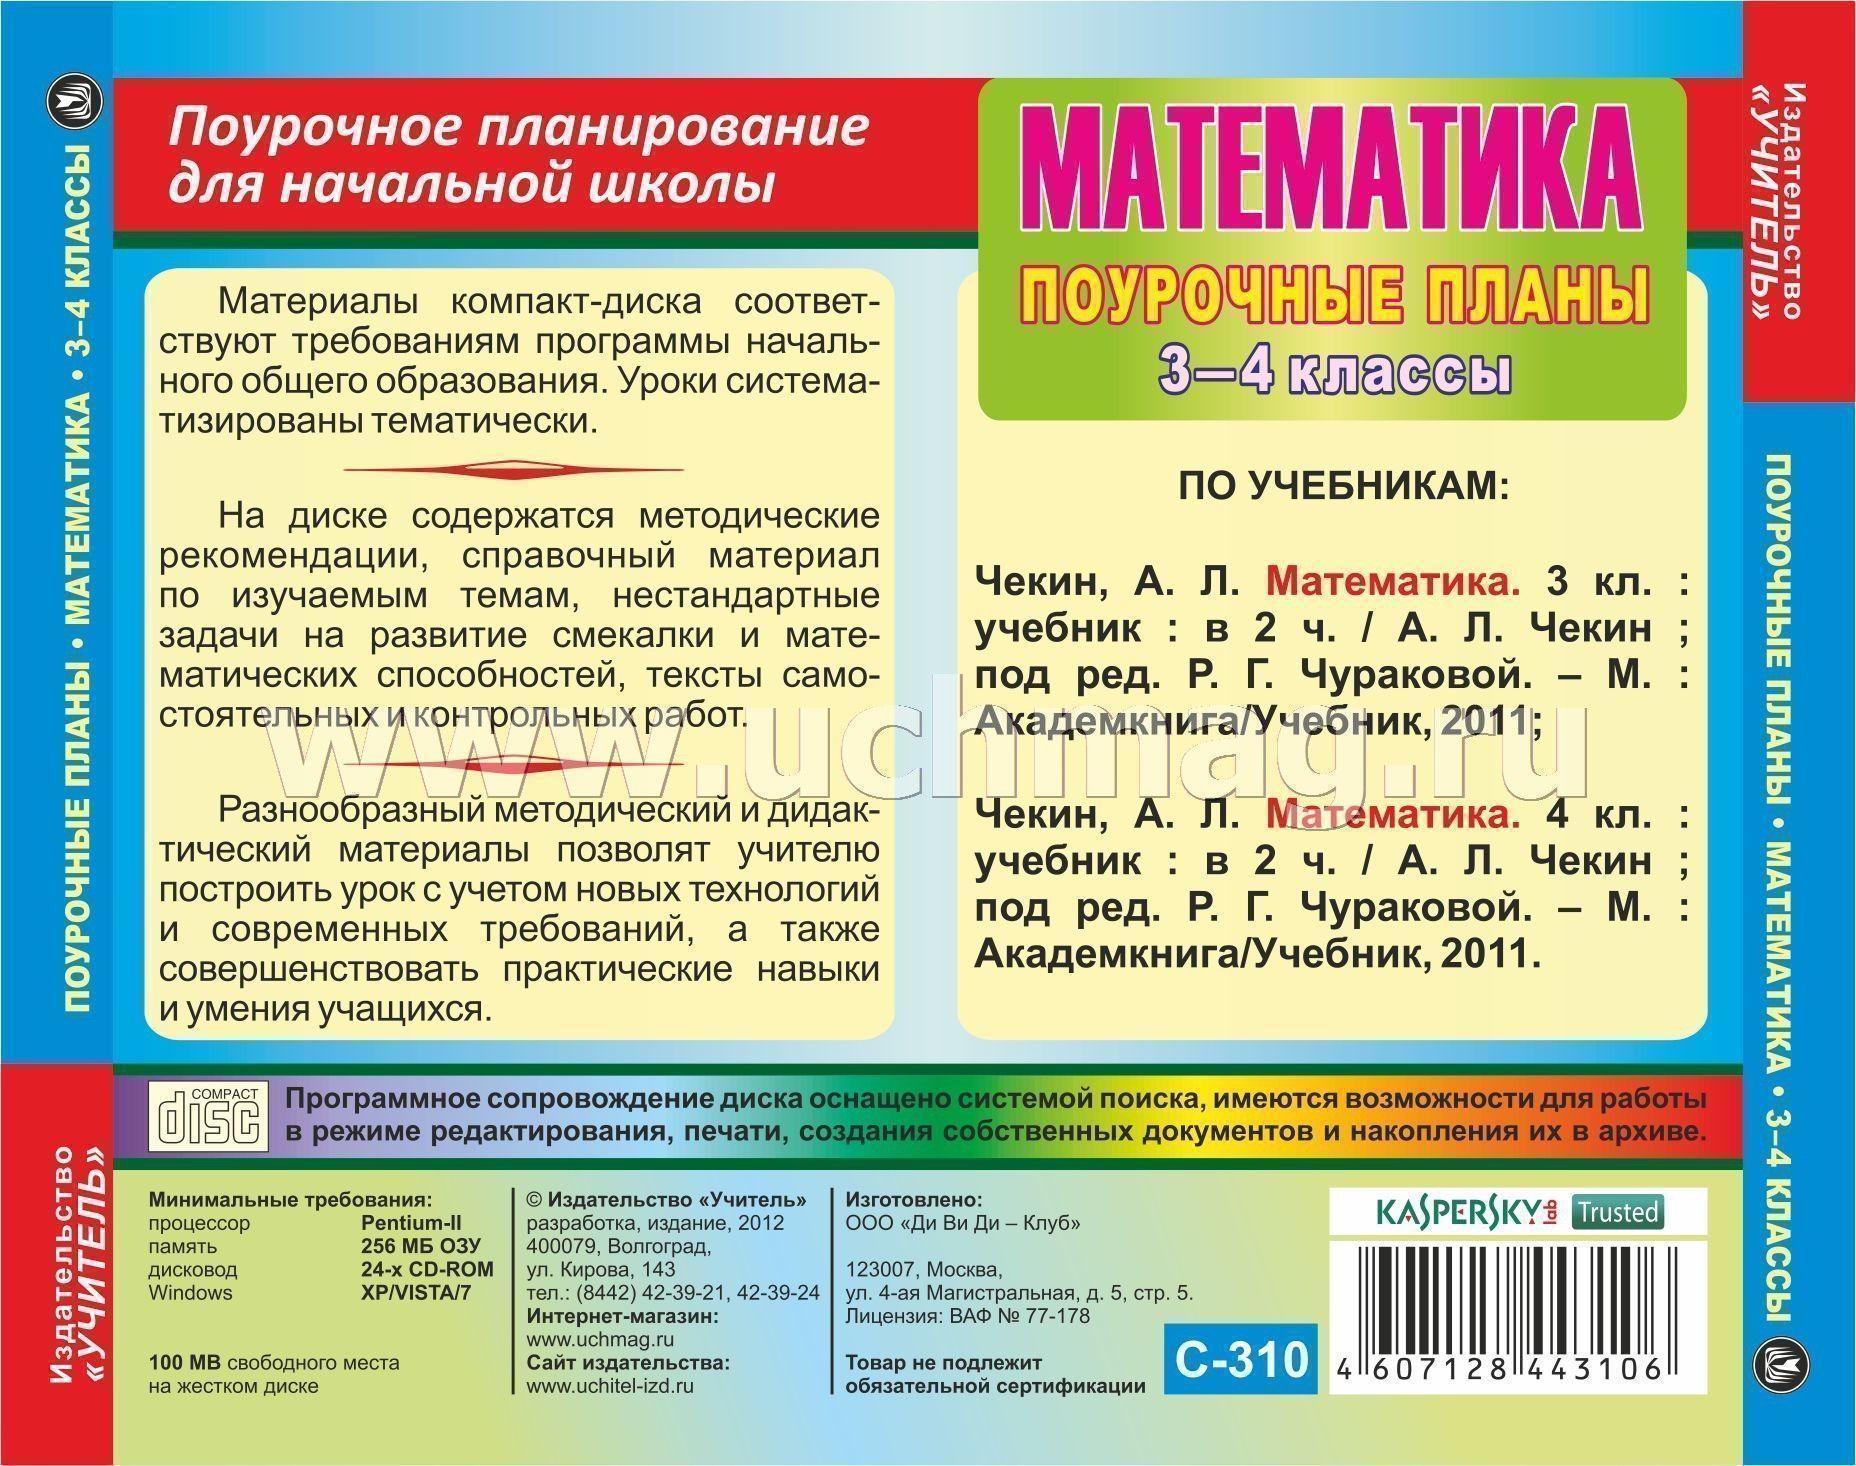 Таисия удальцова красивый богатый холостой читать